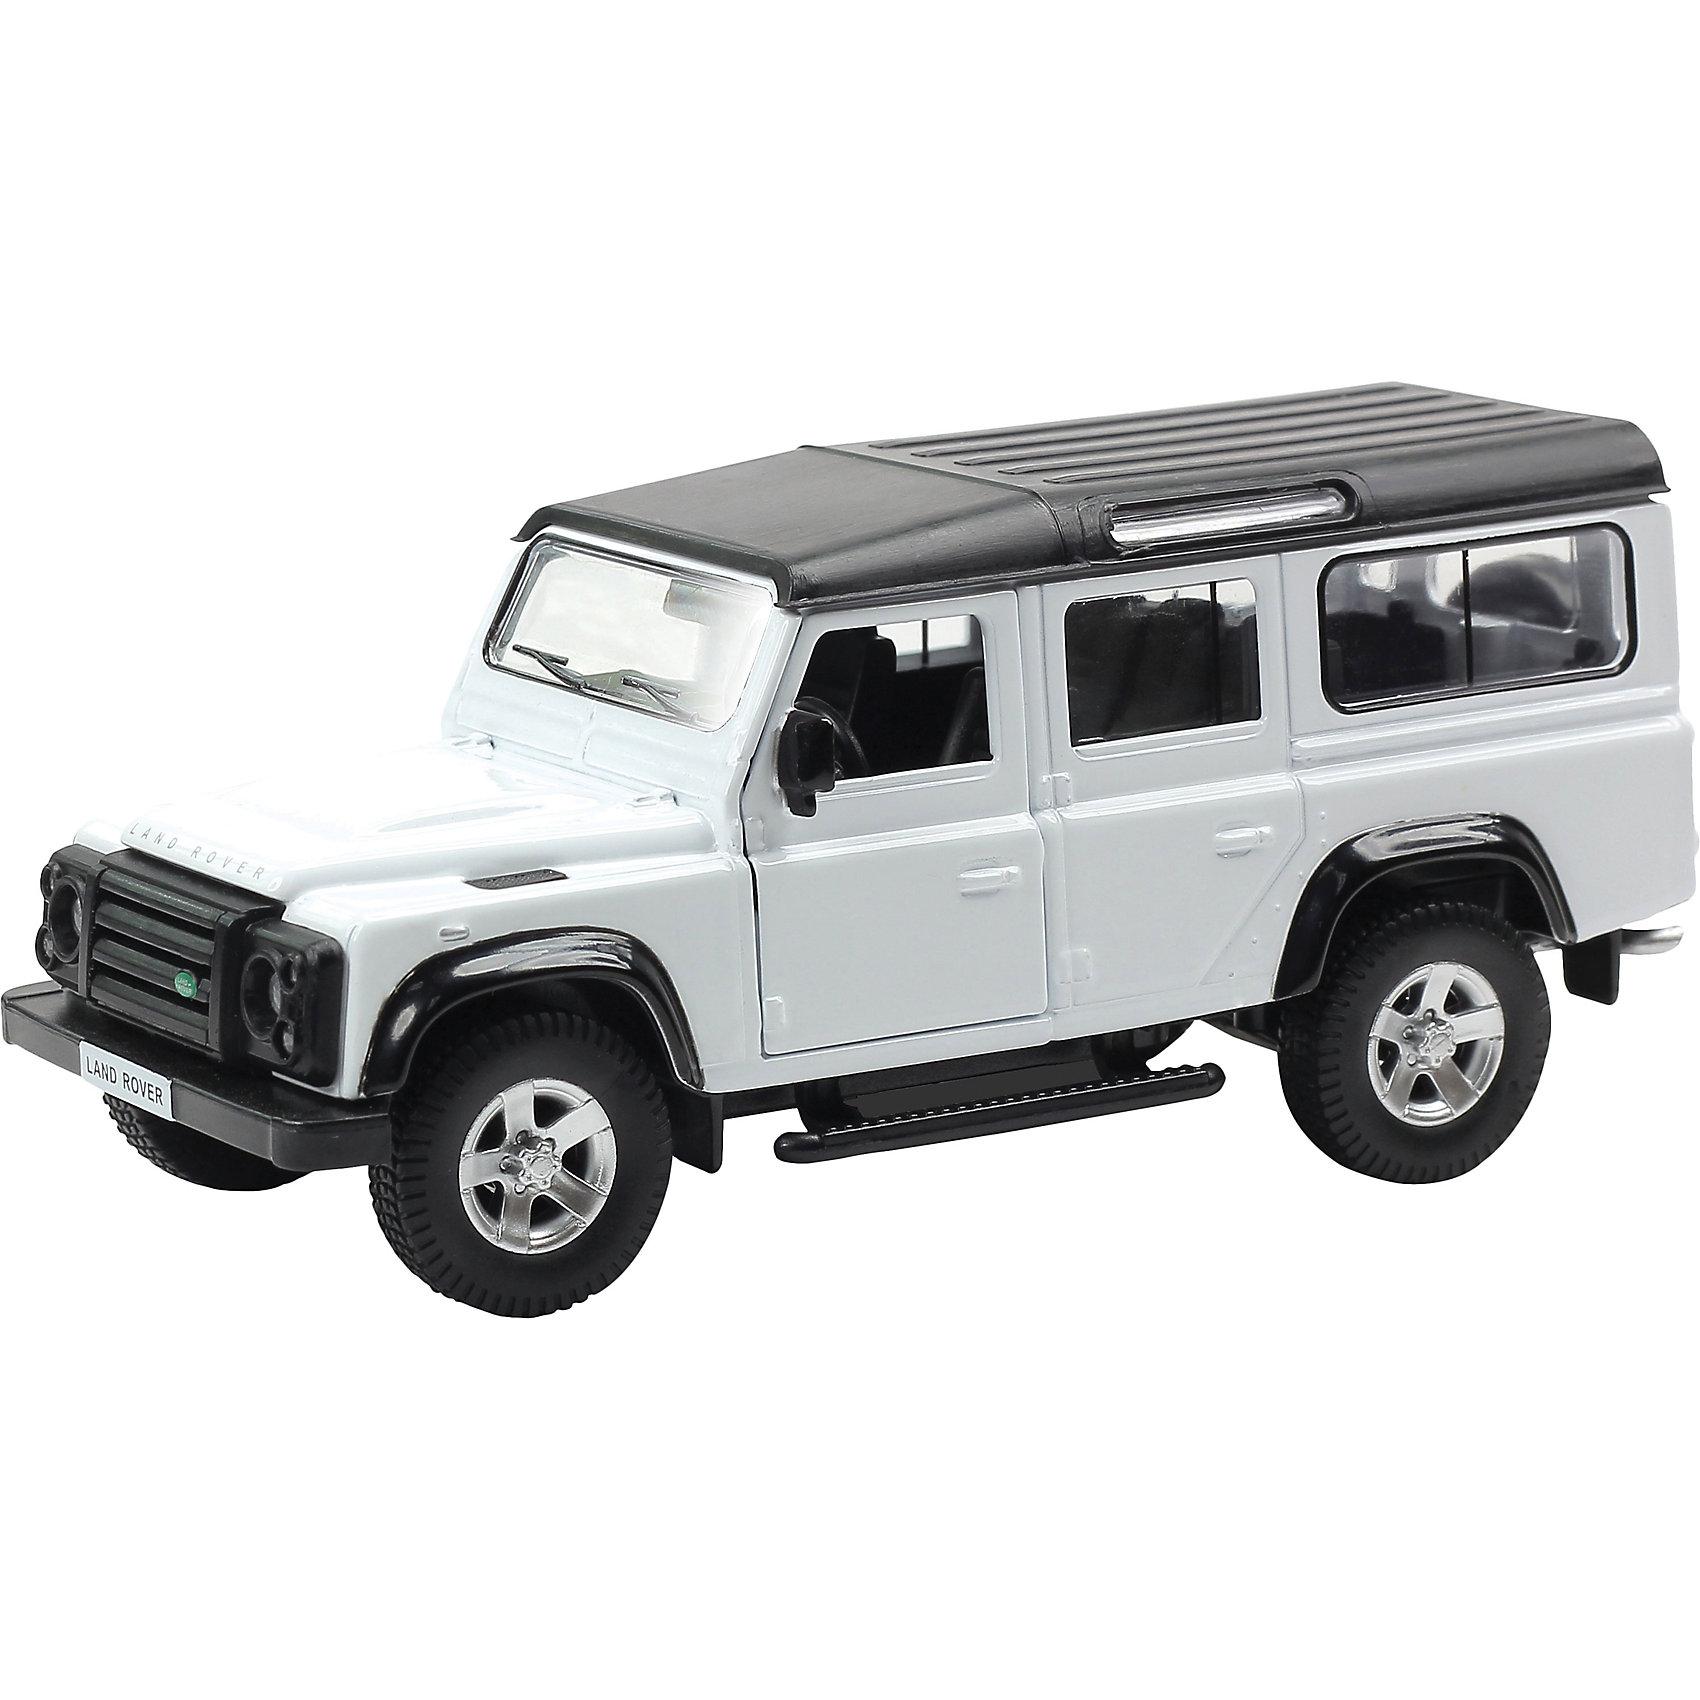 Машинка Land Rover Defende 5, AutotimeМашинки<br>Характеристики товара:<br><br>• цвет: черный, белый<br>• возраст: от 3 лет<br>• материал: металл, пластик<br>• масштаб: 1:32<br>• двери открываются<br>• размер упаковки: 16х7х7 см<br>• вес с упаковкой: 100 г<br>• страна бренда: Россия, Китай<br>• страна изготовитель: Китай<br><br>Эта модель представляет собой миниатюрную копию реально существующей машины. Она отличается высокой детализацией, является коллекционной моделью. <br><br>Сделана машинка из прочного и безопасного материала. Корпус - из металла. Благодаря прозрачным стеклам виден подробно проработанный салон.<br><br>Машинку «Land Rover Defende 5», Autotime (Автотайм) можно купить в нашем интернет-магазине.<br><br>Ширина мм: 165<br>Глубина мм: 57<br>Высота мм: 75<br>Вес г: 13<br>Возраст от месяцев: 36<br>Возраст до месяцев: 2147483647<br>Пол: Мужской<br>Возраст: Детский<br>SKU: 5584106